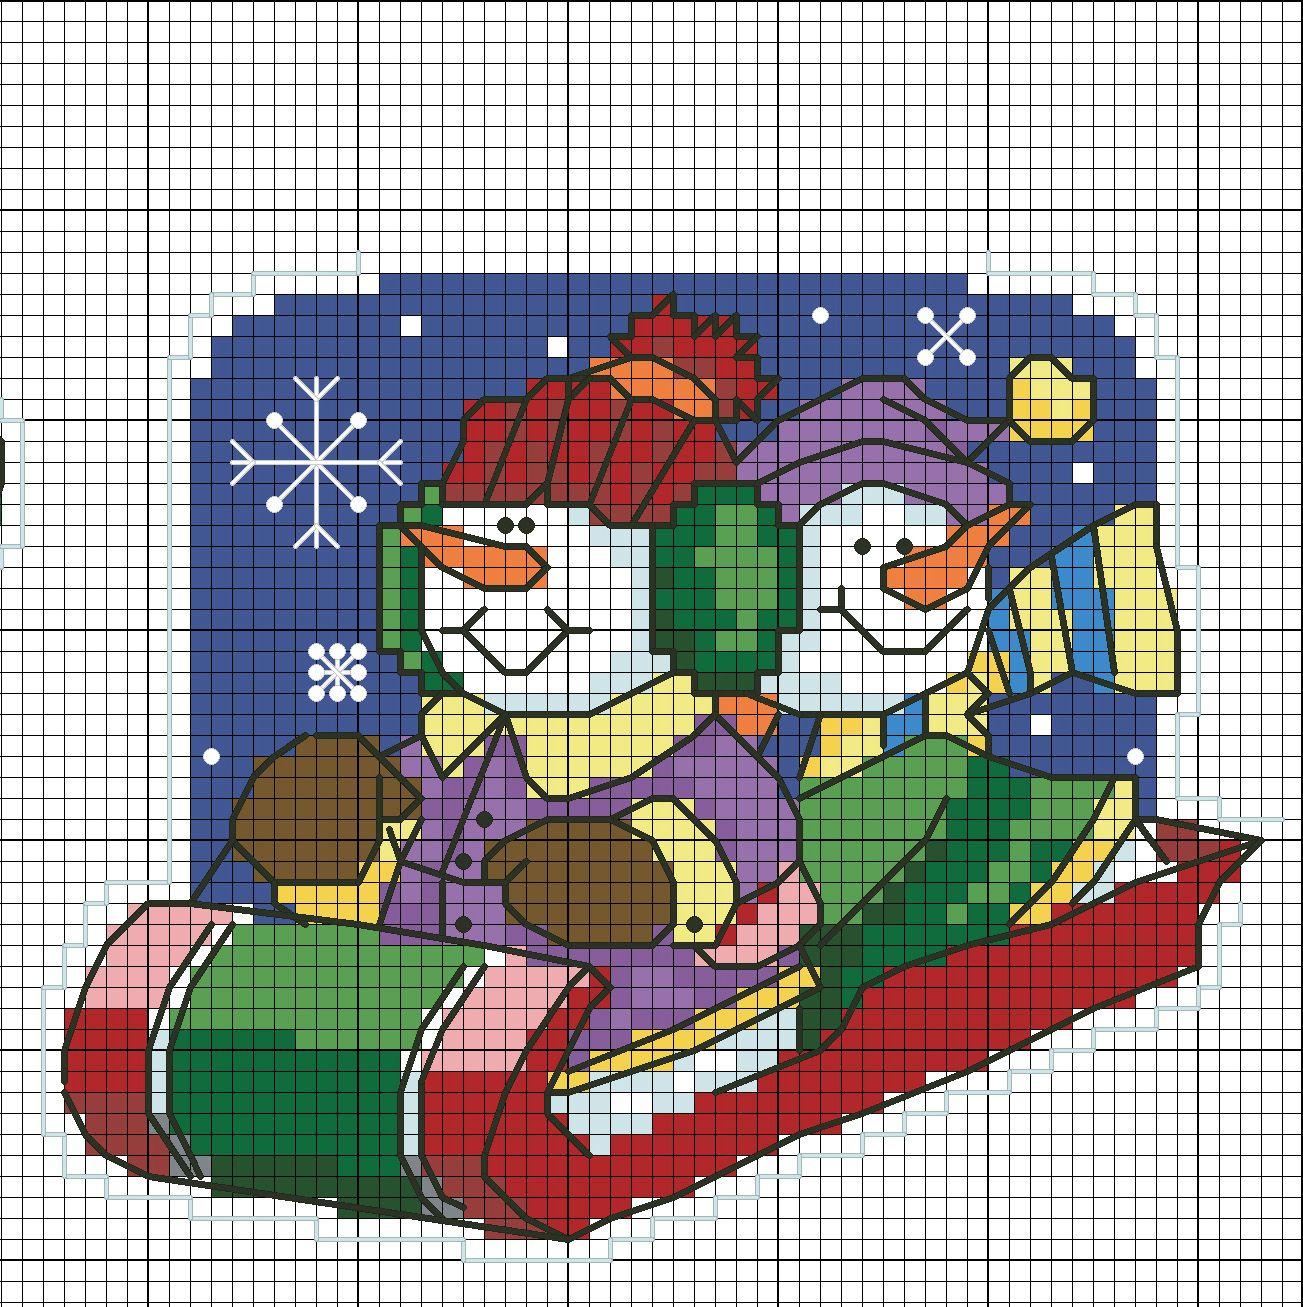 вышивка крестом схемы бесплатно новогодние